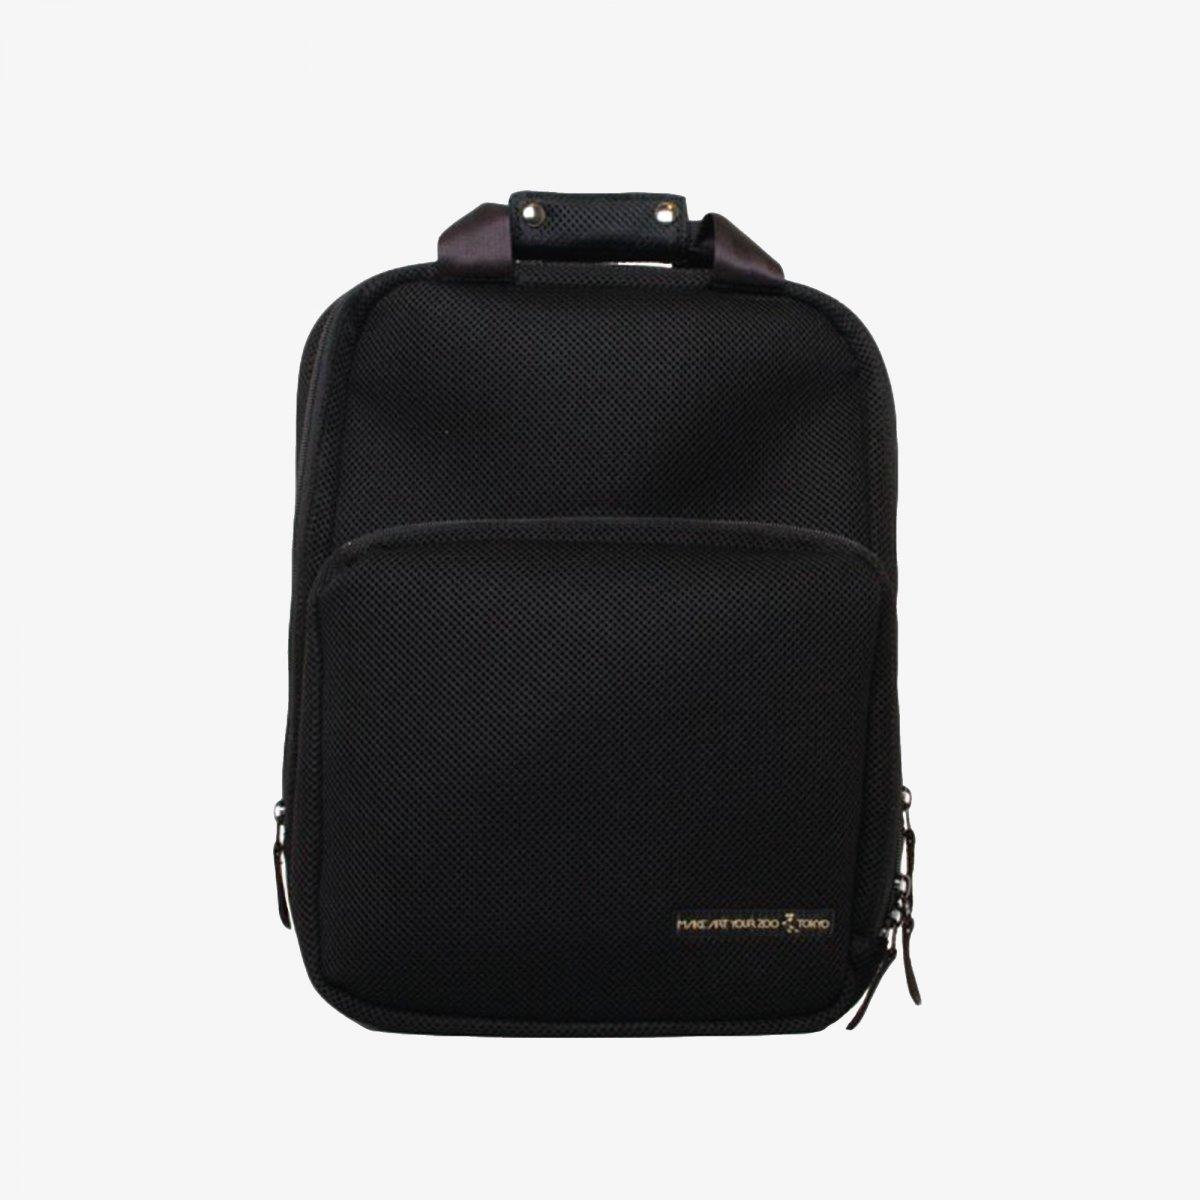 e8787e24033c サイドオープンスクエアリュック(Black) - 軽いユニセックスのバッグ ...